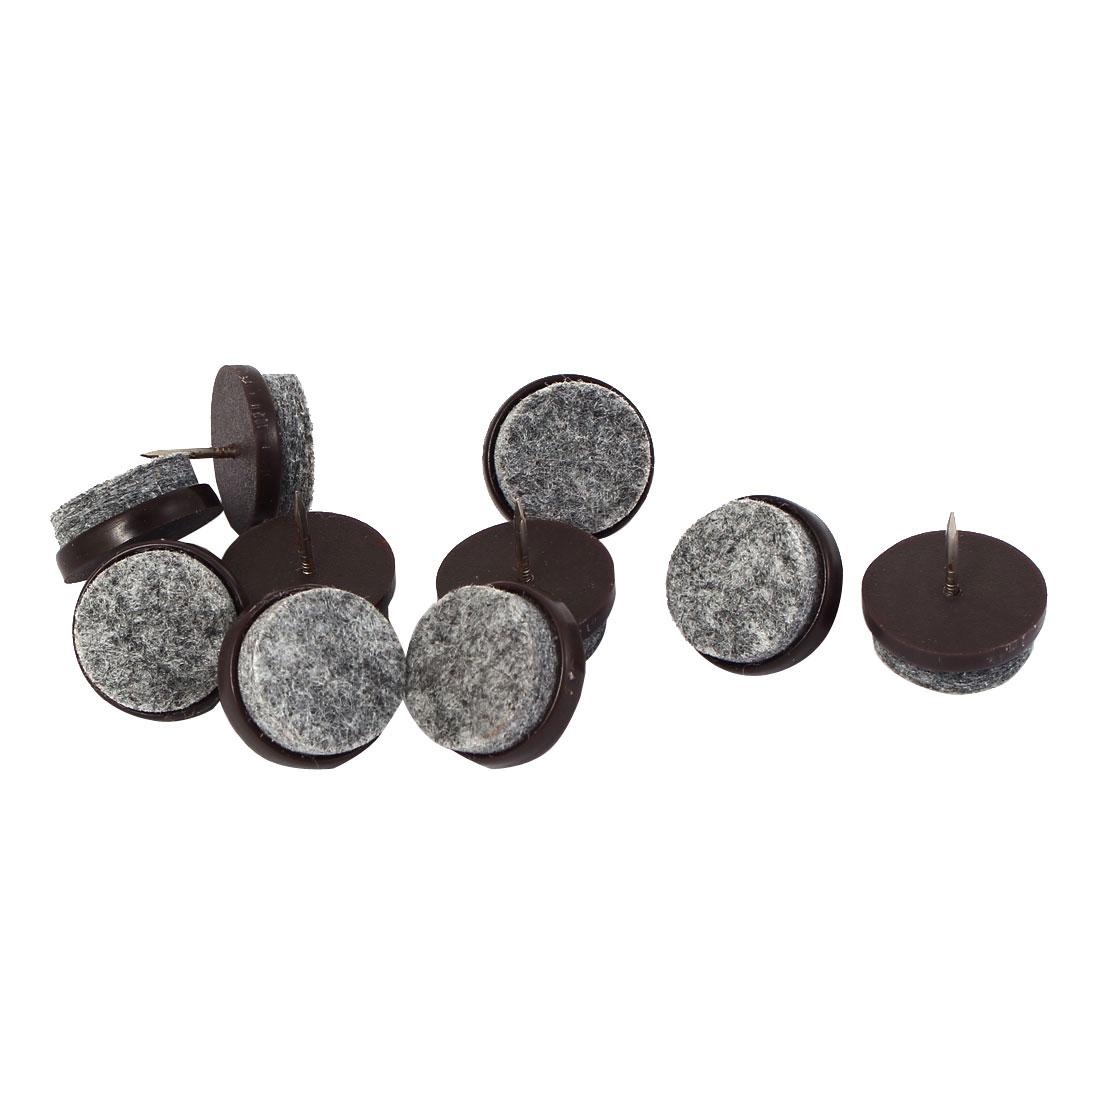 Nail In Anti-Skid Furniture Pads Felt Floor Protector Brown 24mm Dia 10pcs